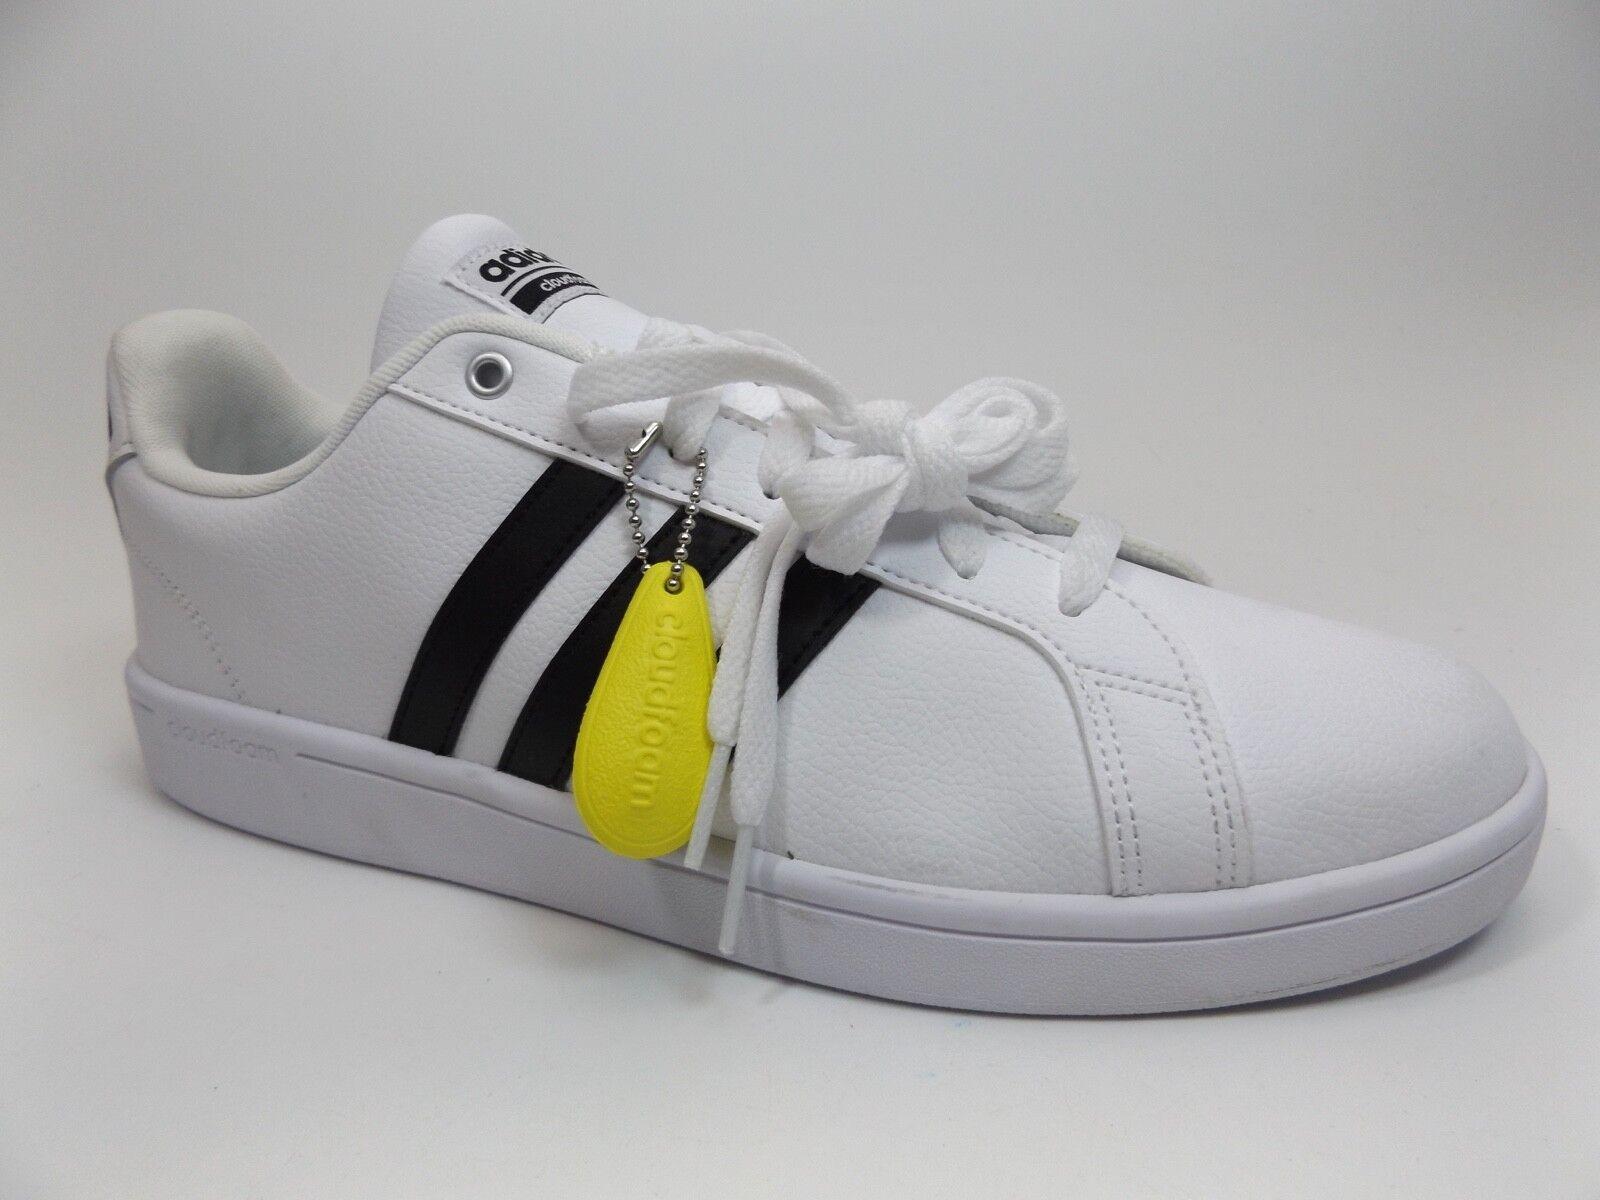 8e91150f4 Men Adidas Cloudfoam Advantage Fashion Sneaker SZ 11.5 M White NEW DISPLAY  D9461